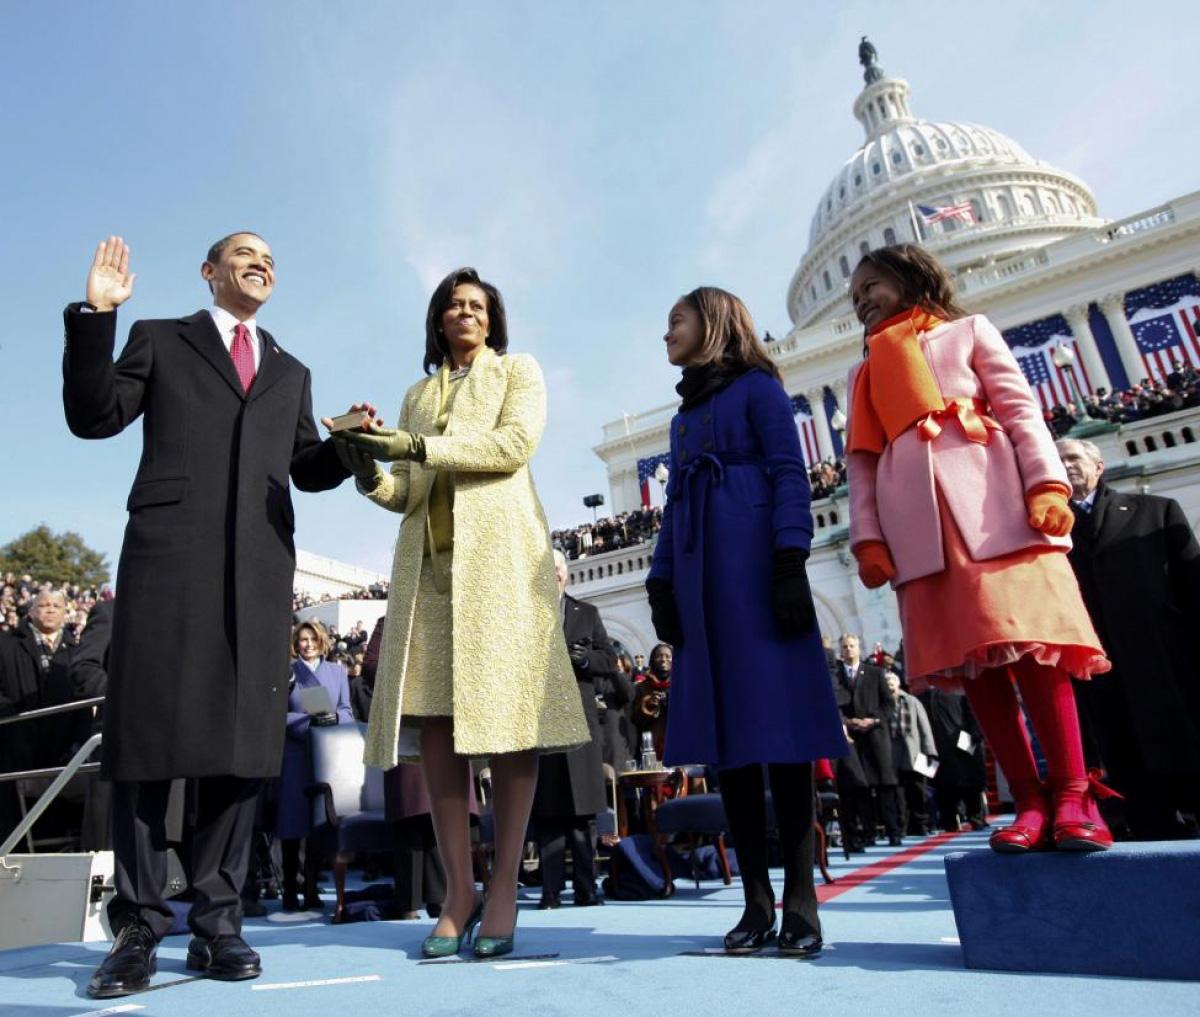 Nhìn lại những hình ảnh ấn tượng trong lễ nhậm chức của các Tổng thống Mỹ - Ảnh 23.